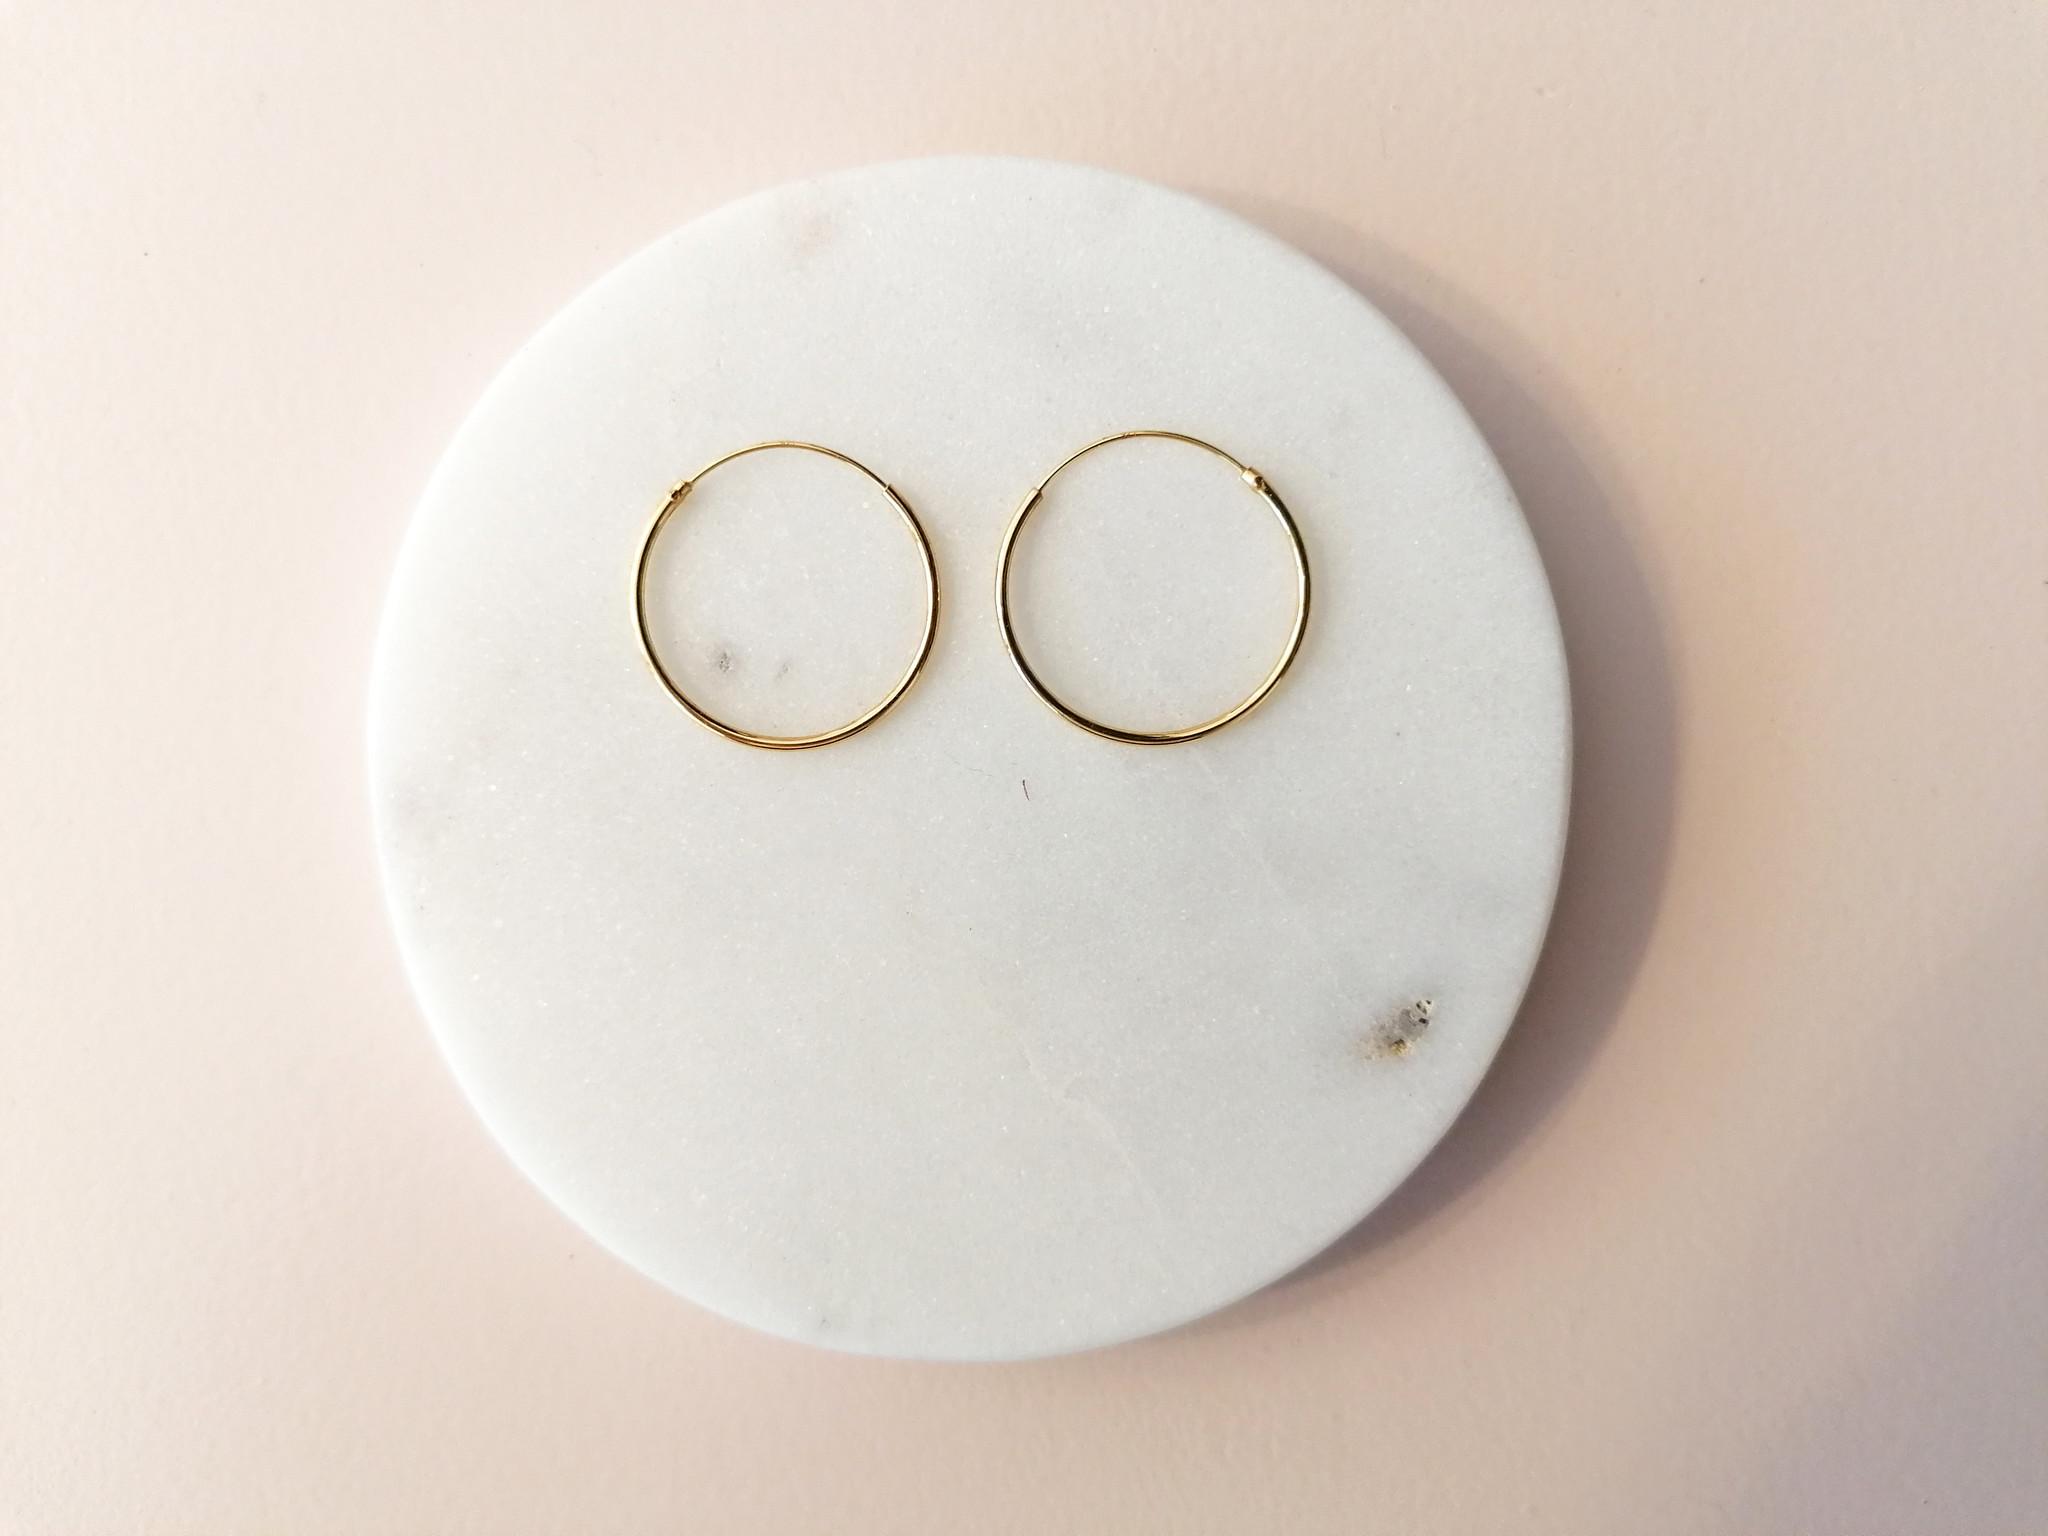 Große Creolen Ohrringe - 925er Sterling Silber - Gold-2